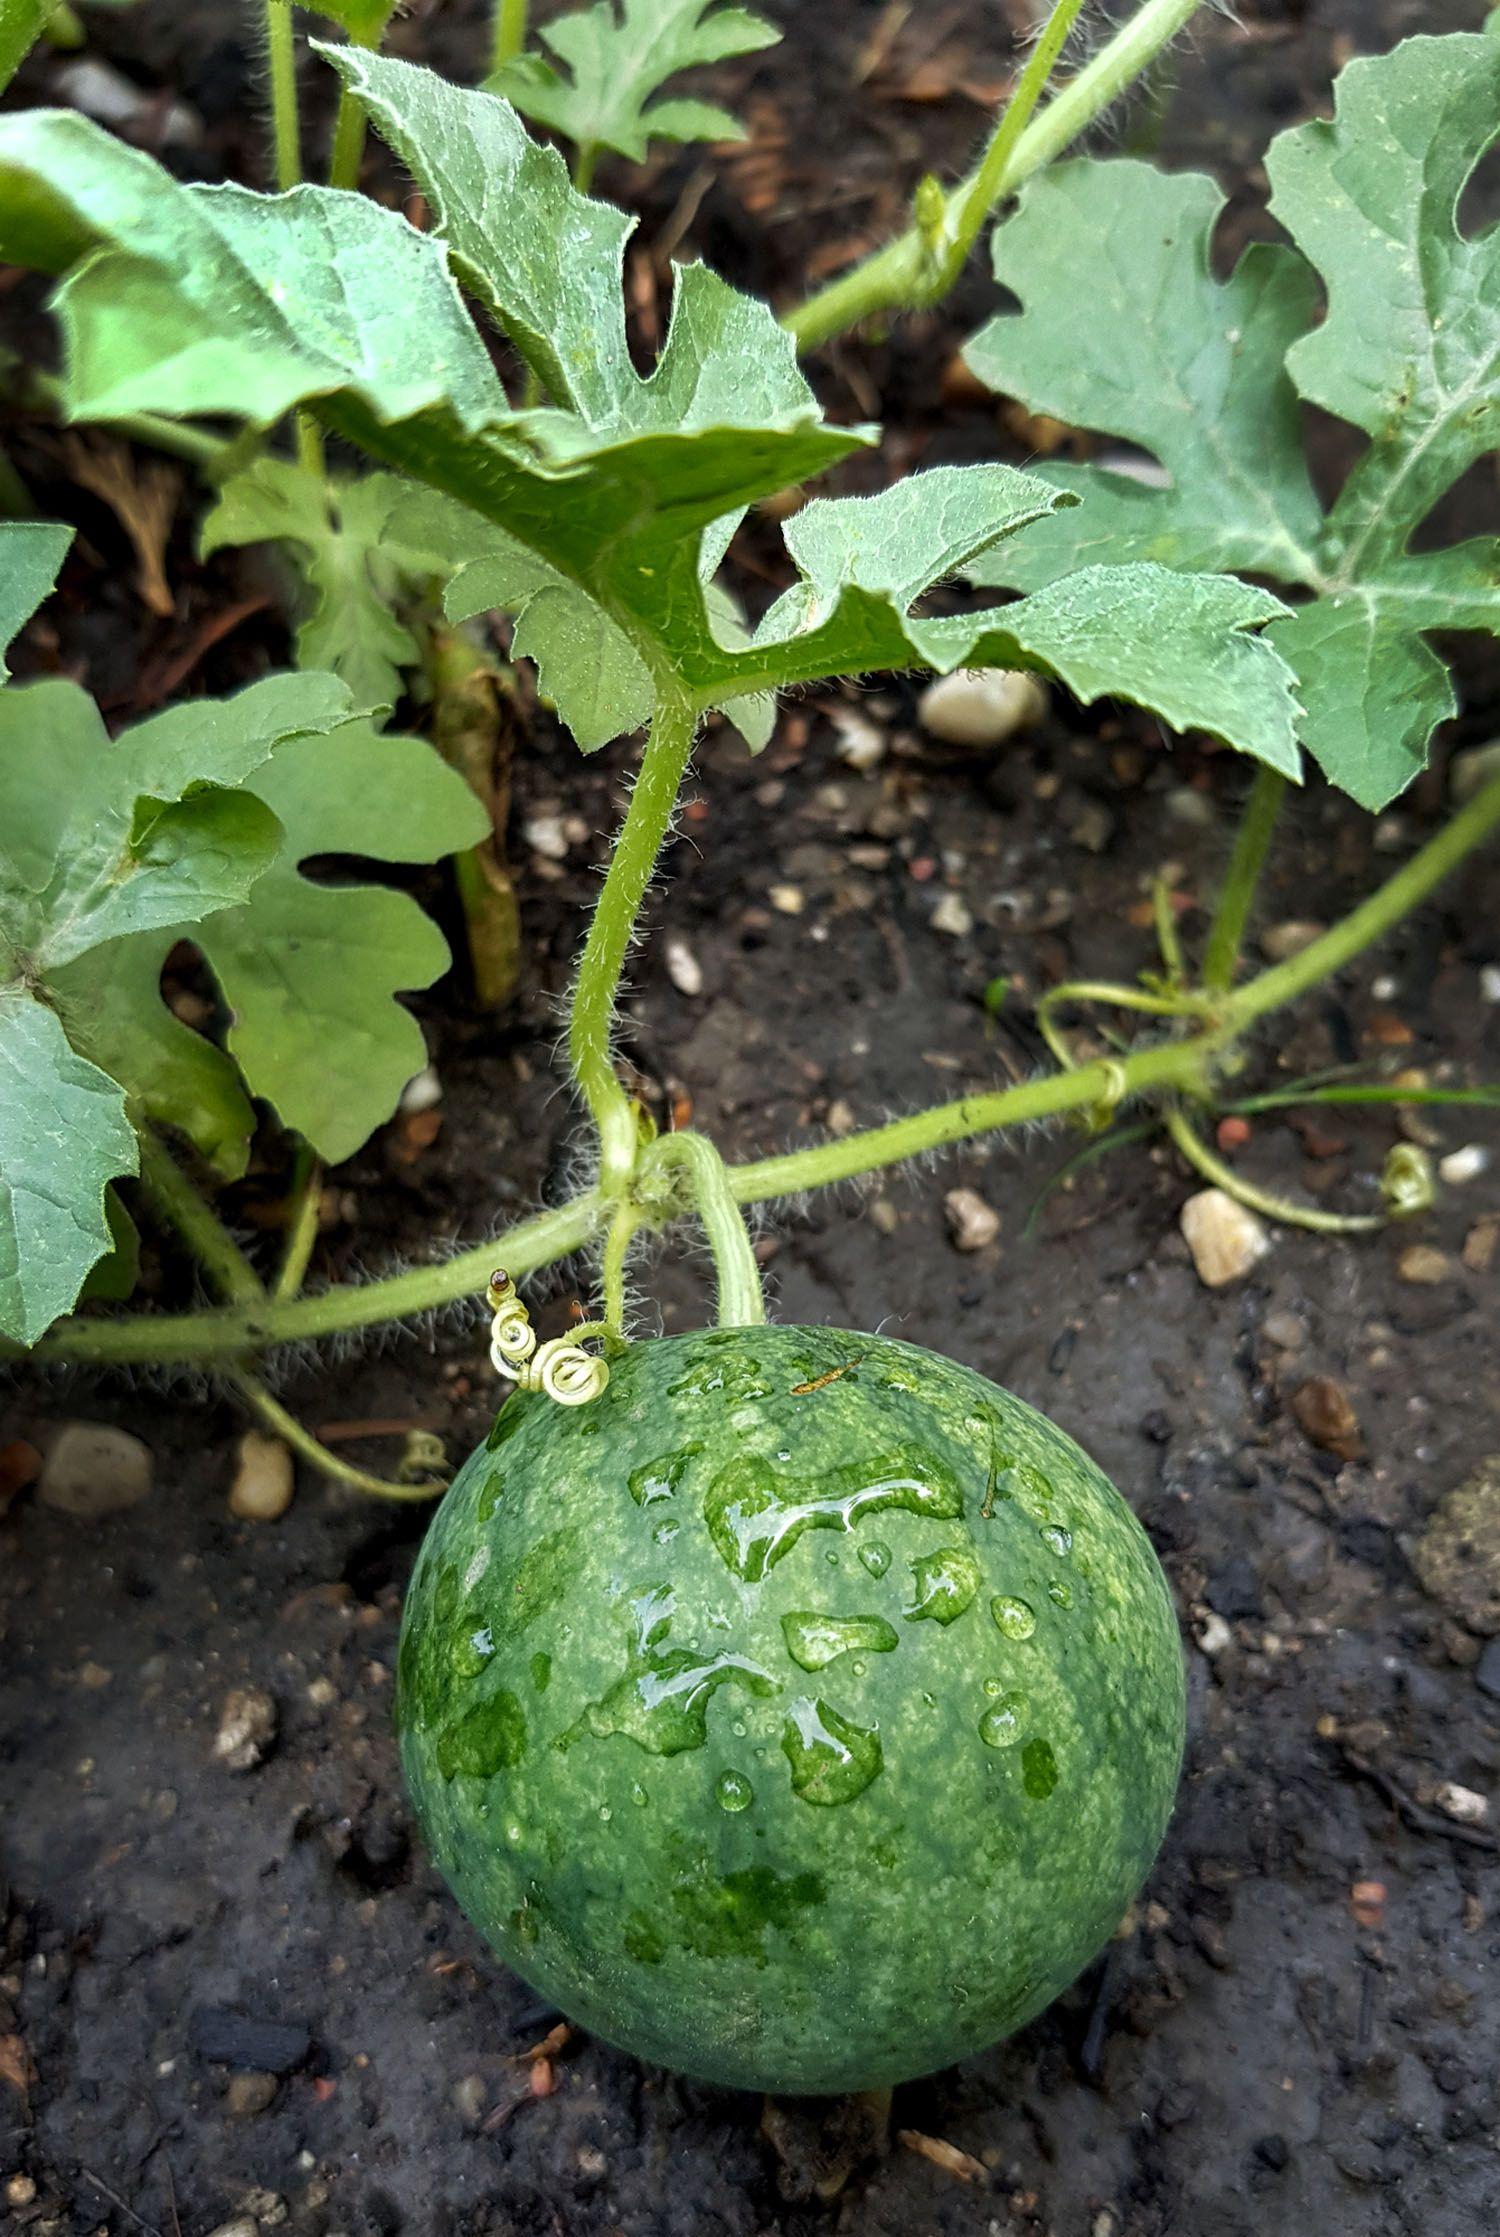 Melone Anbauen Vorziehen Pflanzen Pflegen Und Ernten Gruneliebe Melonen Anbauen Melonen Pflanzen Wassermelone Pflanzen